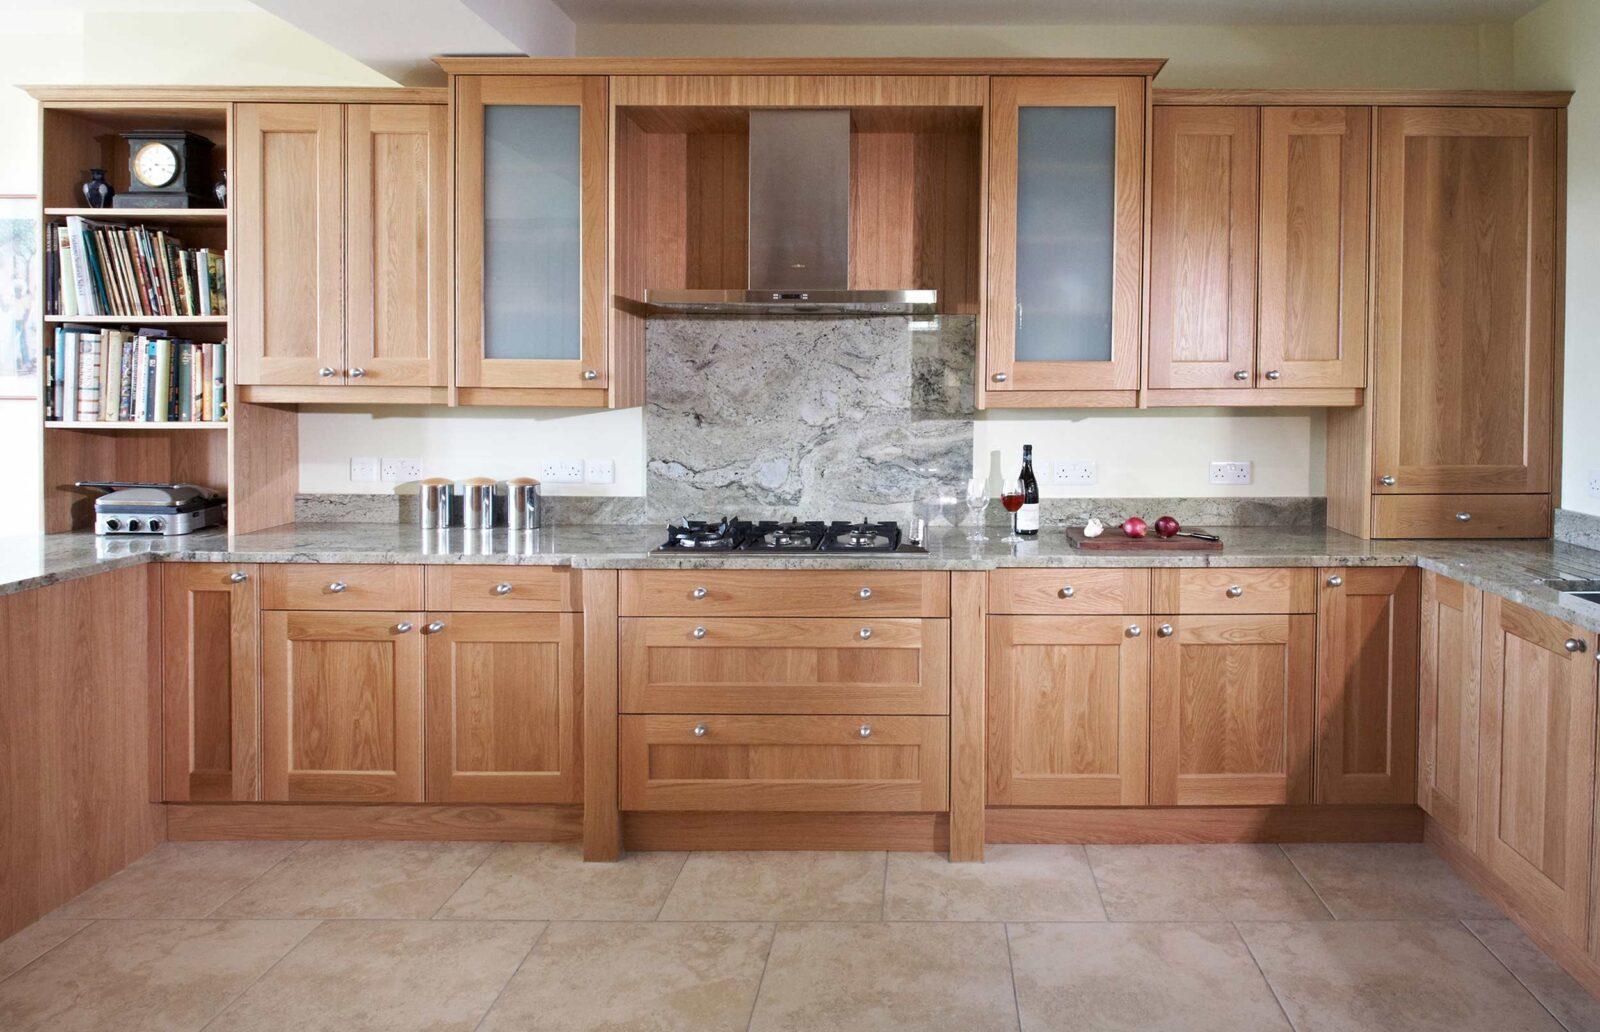 Lavish Bespoke Kitchen with highest Quality Finish